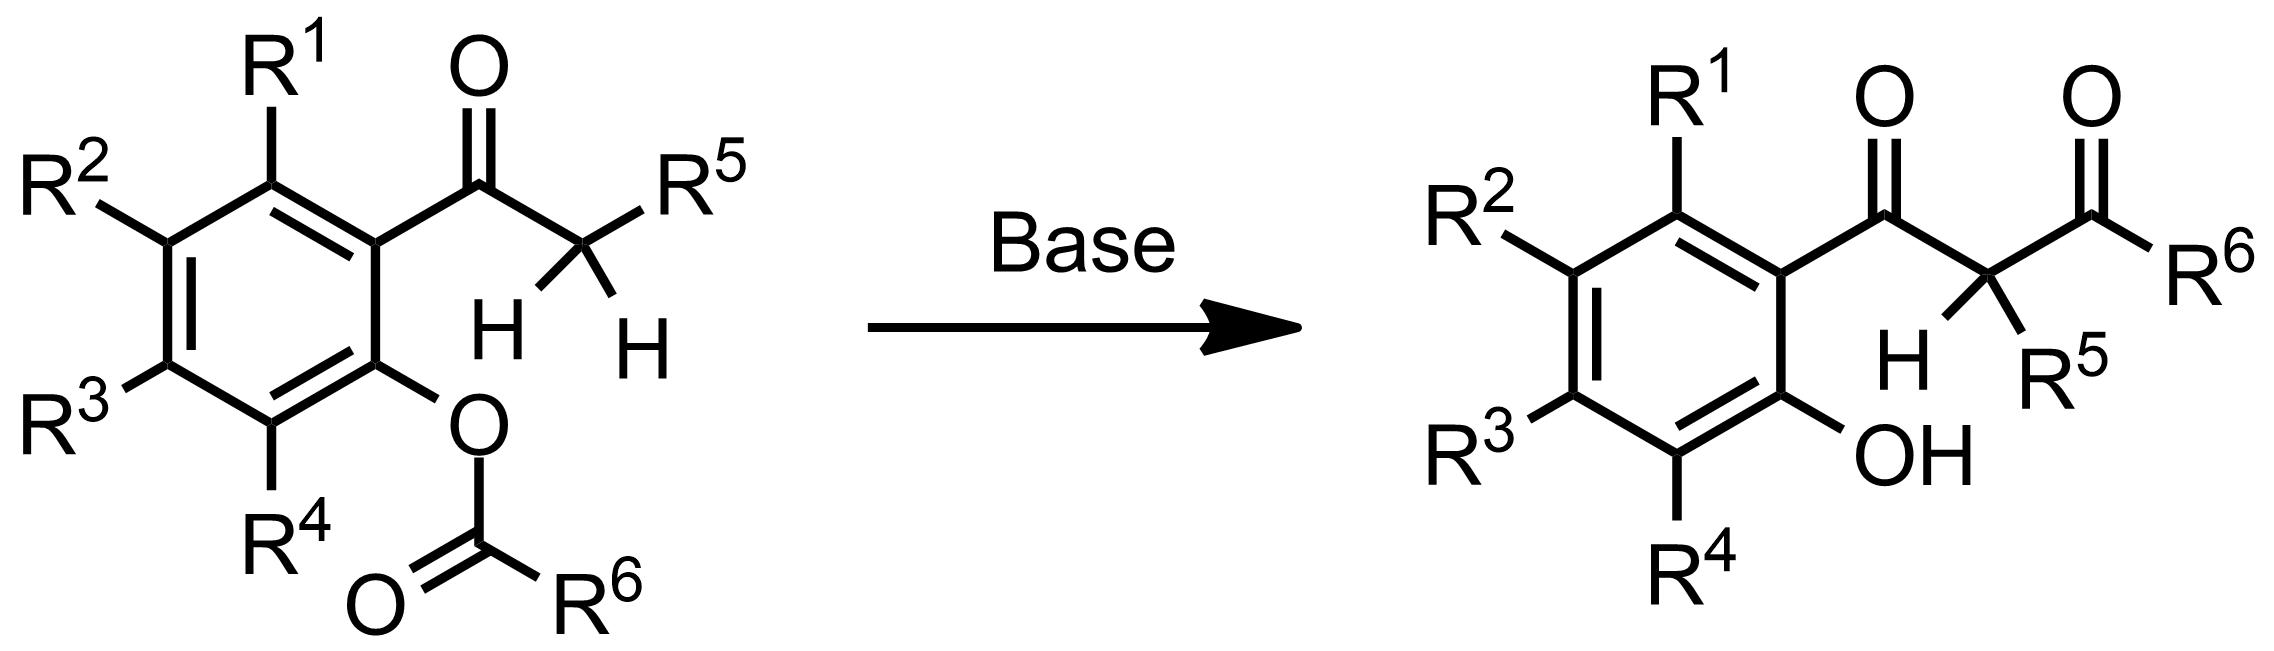 Schematic representation of the Baker-Venkataraman Rearrangement.